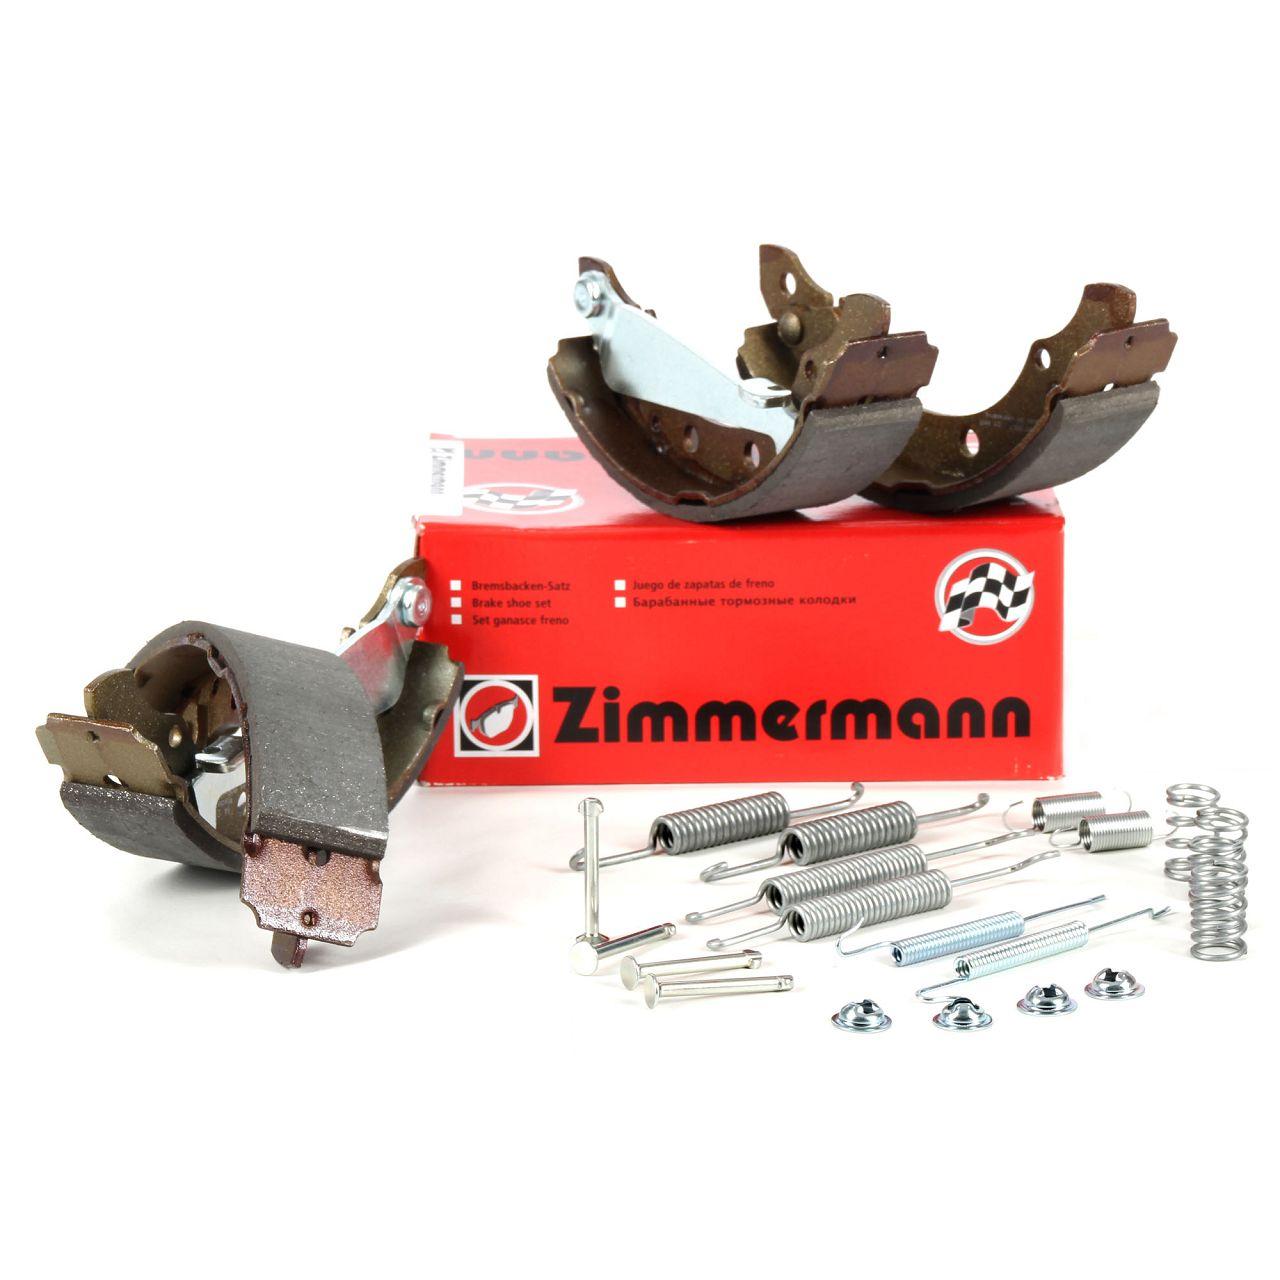 ZIMMERMANN Bremsbacken inkl. Federn für Audi 80 A2 VW Golf 3 Lupo Passat Polo